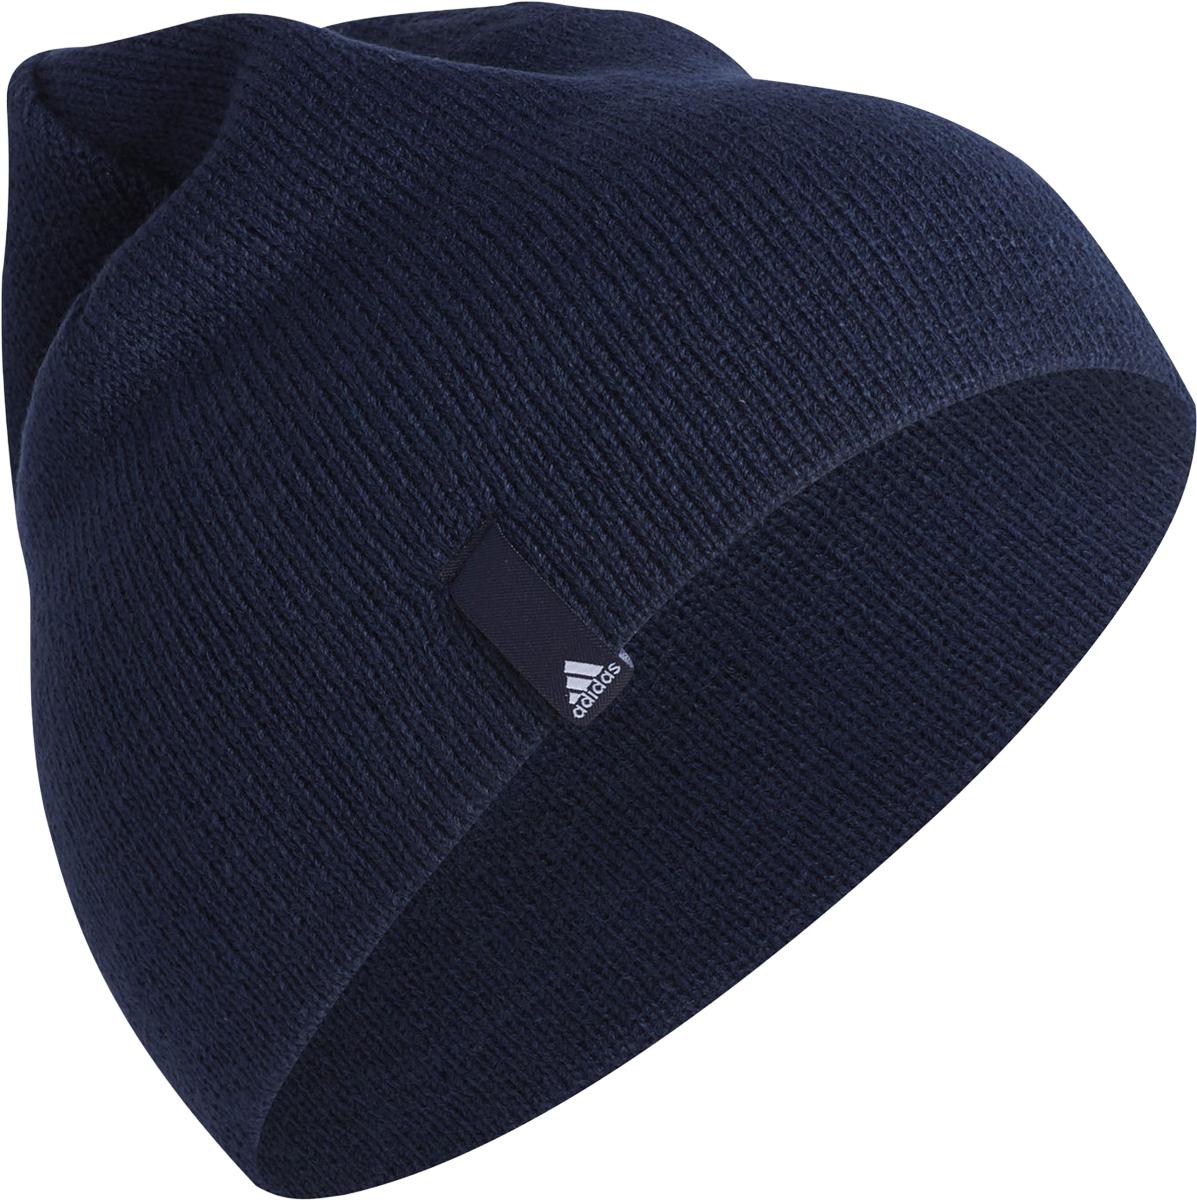 Шапка Adidas Perf Beanie, цвет: темно-синий. AB0357. Размер 58/60AB0357В этой шапке ты сможешь полностью сосредоточиться на тренировке, не отвлекаясь на холод. Вязаная модель с тканой нашивкой у края.Классическая шапка-биниТканая нашивка